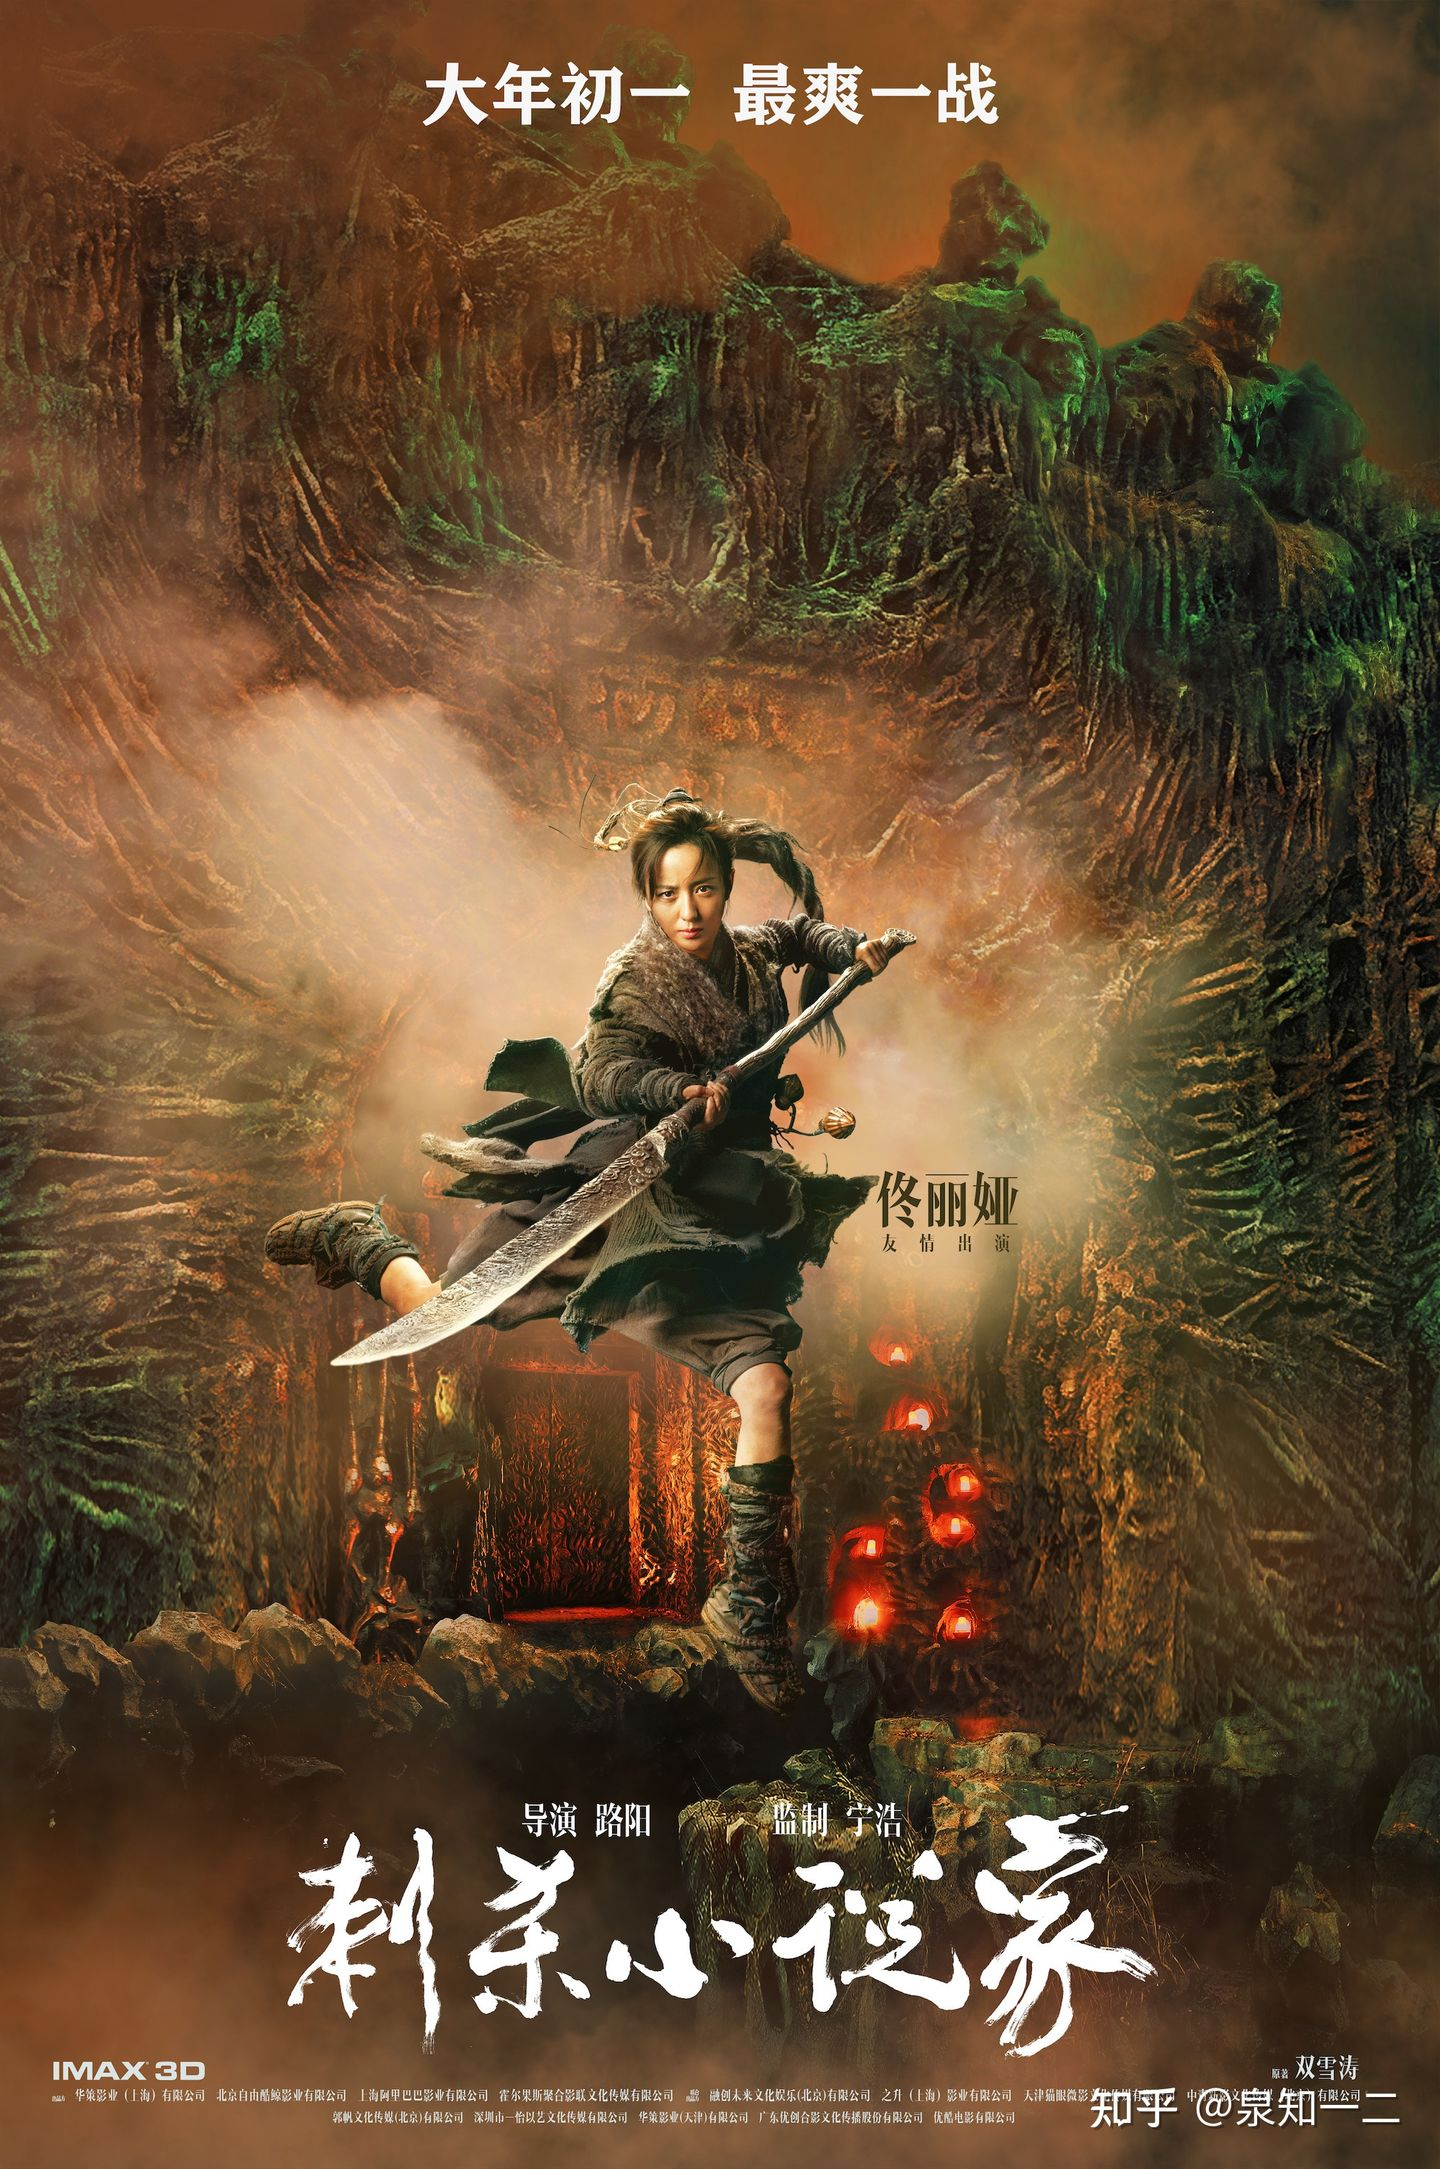 《刺杀小说家》电影海报。 (网络图片)